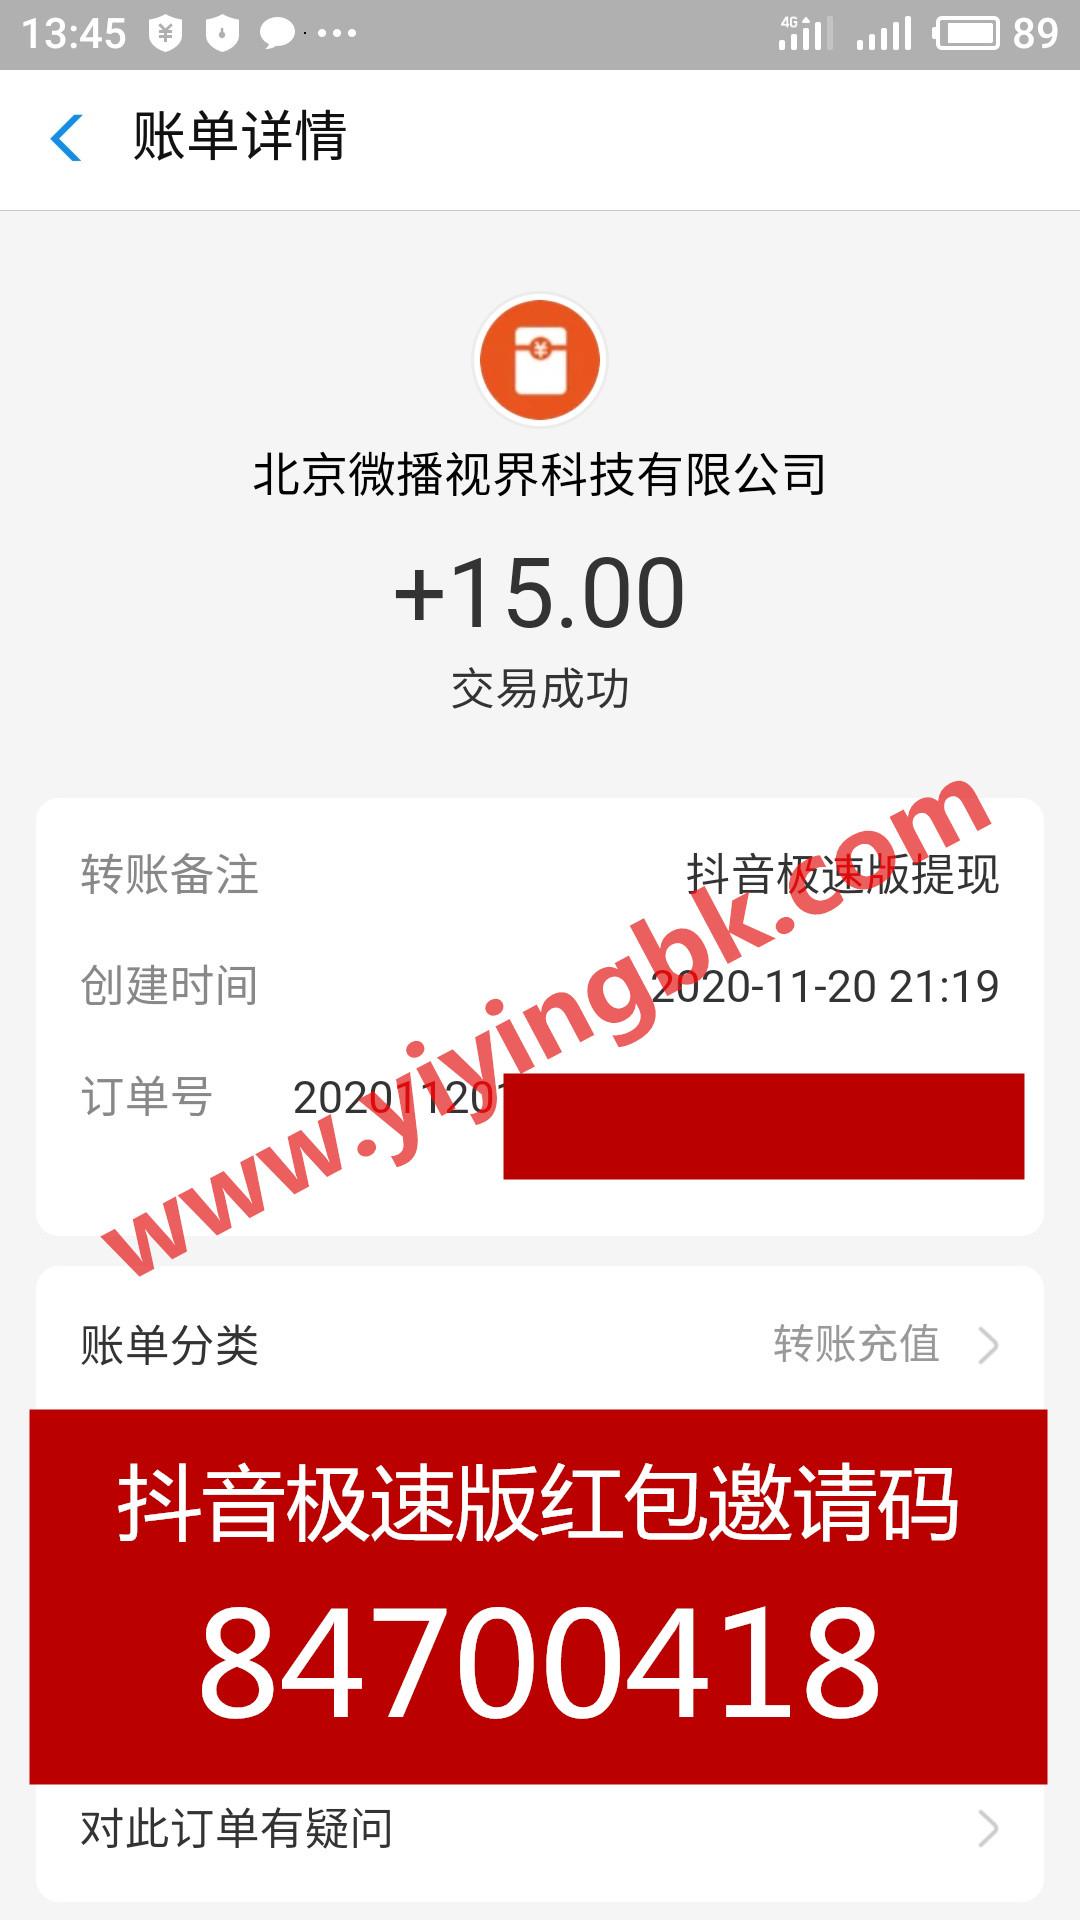 抖音极速版支付宝提现15元红包,红包邀请码84700418